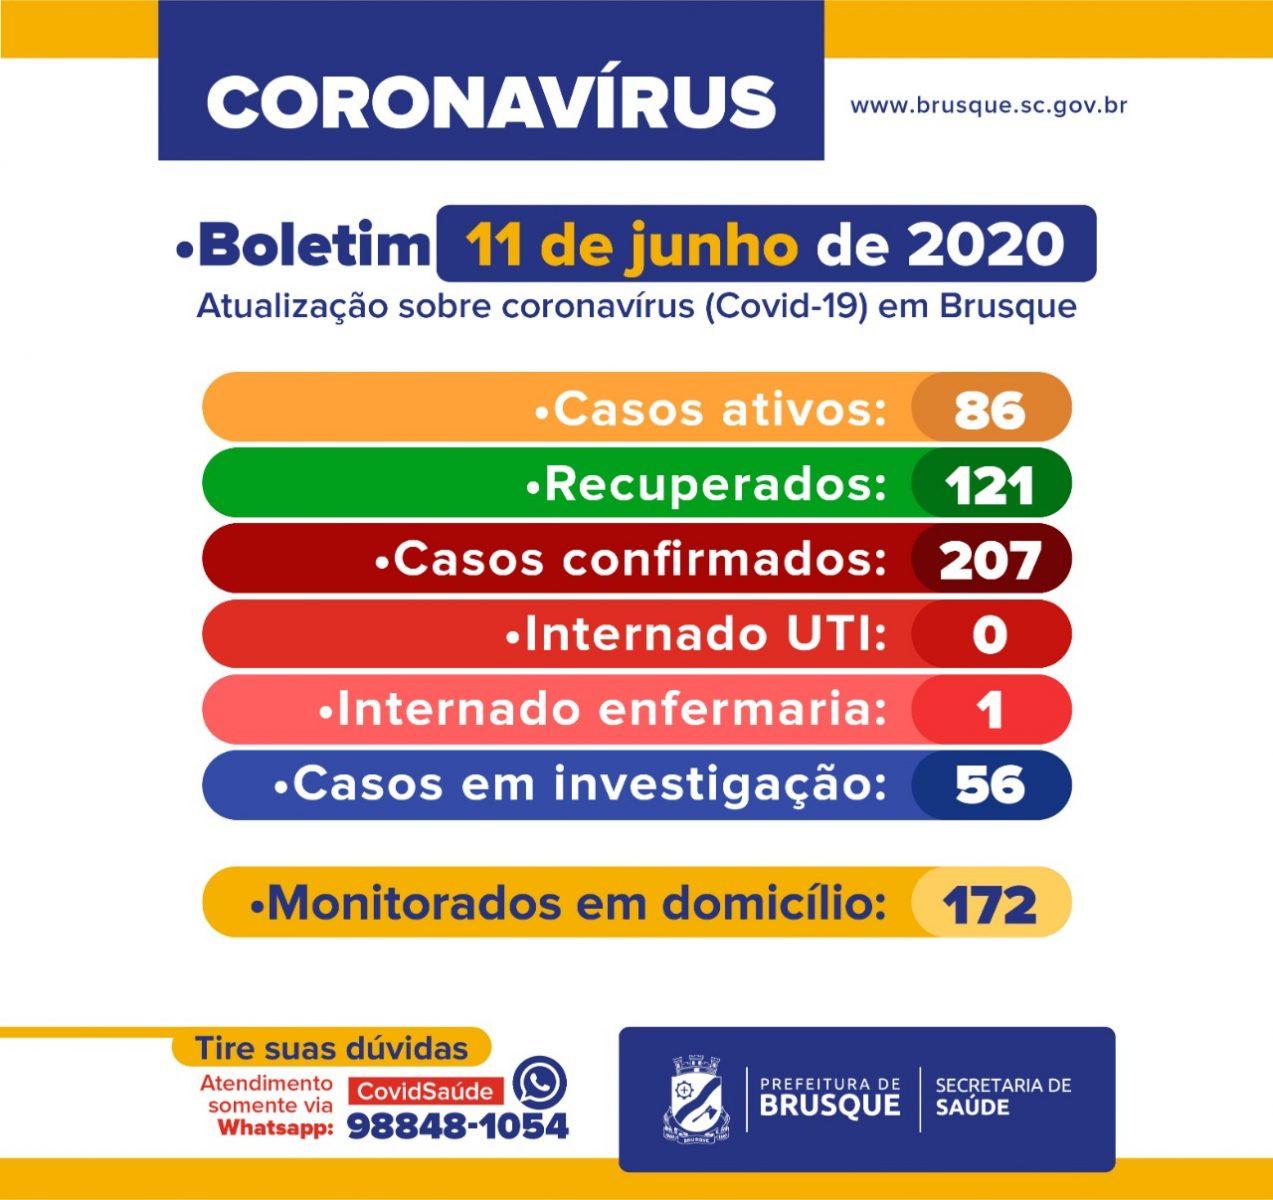 Boletim Epidemiológico Covid-19: 121 curados, 86 casos ativos